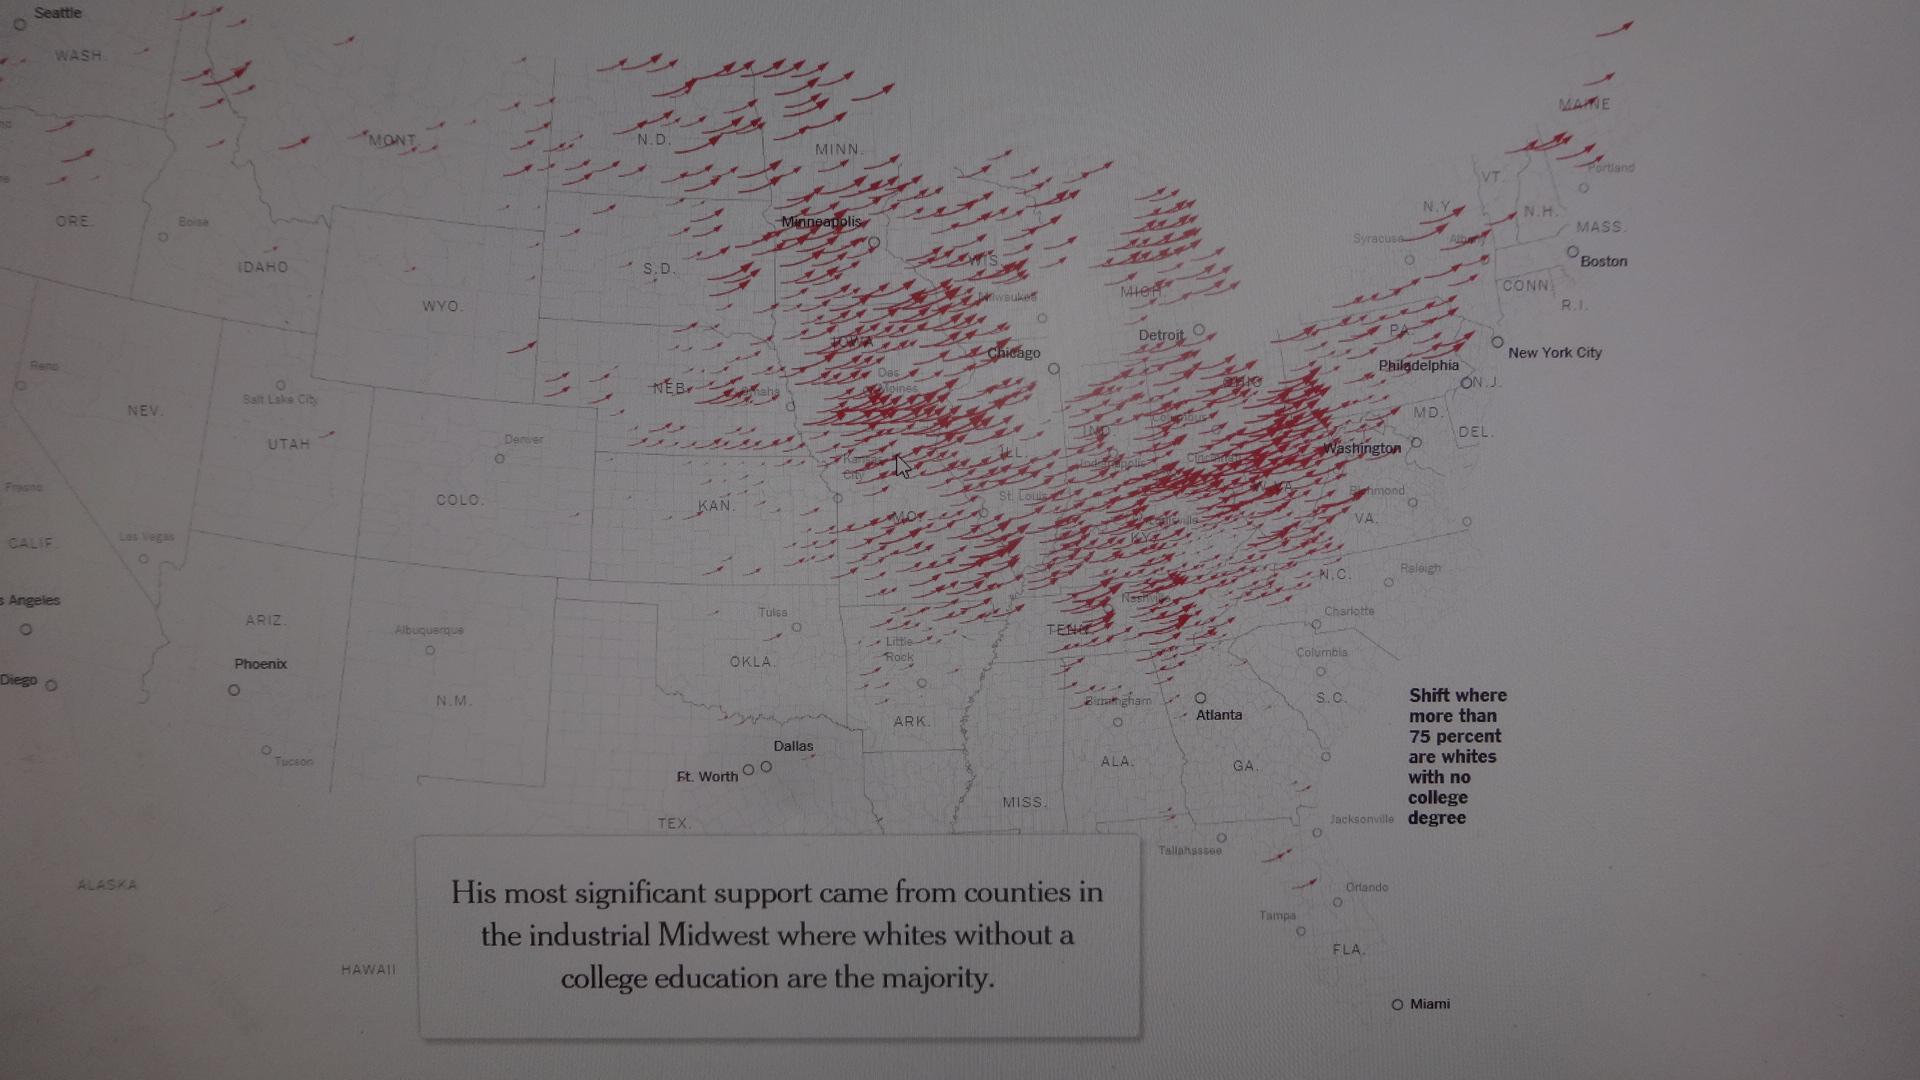 ラストベルトと呼ばれる地域で吹き荒れたトランプ旋風(赤の矢印)を示す地図